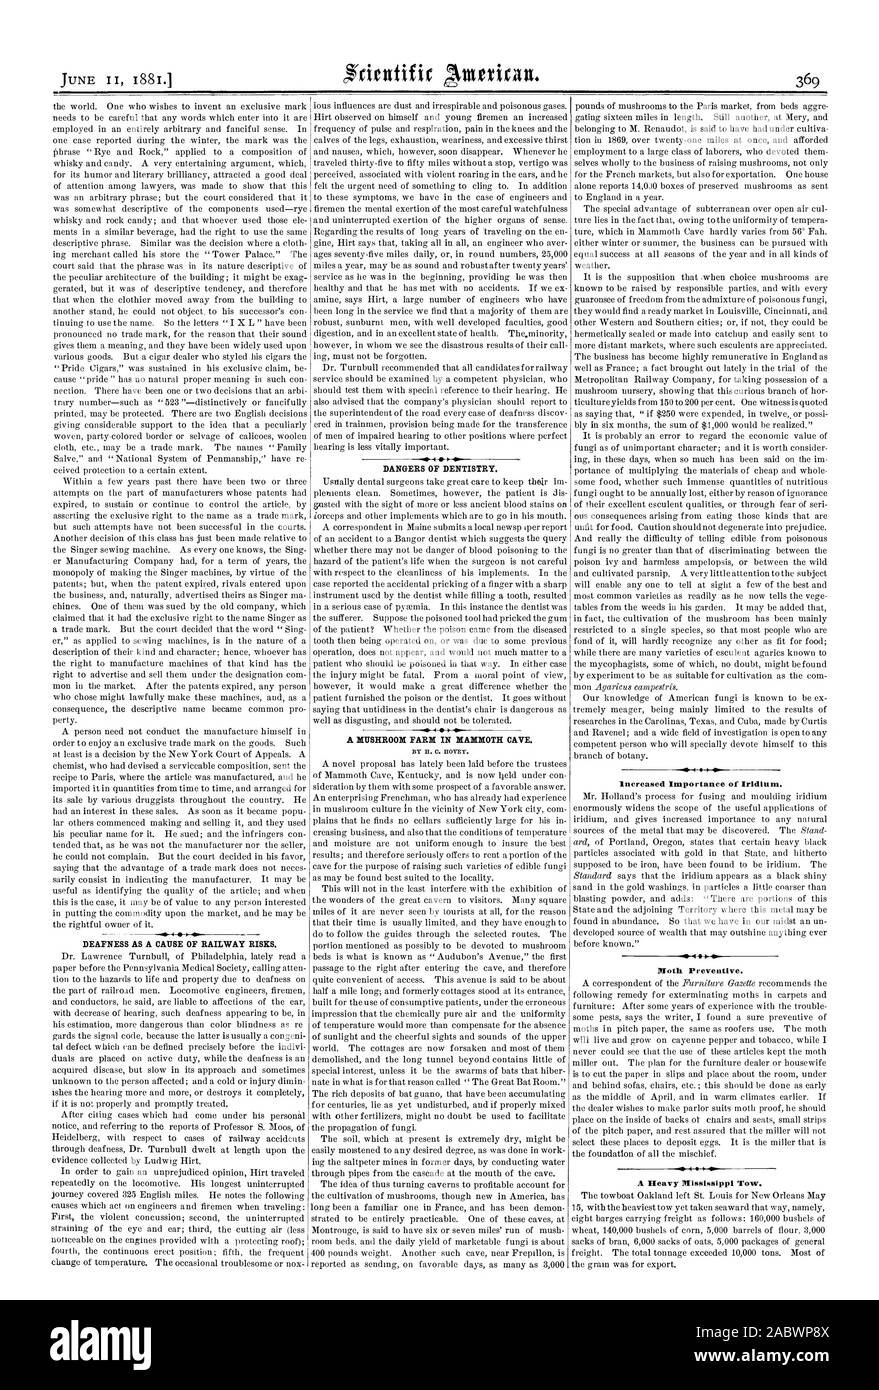 Importance accrue de l'Iridium. Espèce de préventive. Une lourde remorque. Mississippi, Scientific American, 1881-06-11 Banque D'Images